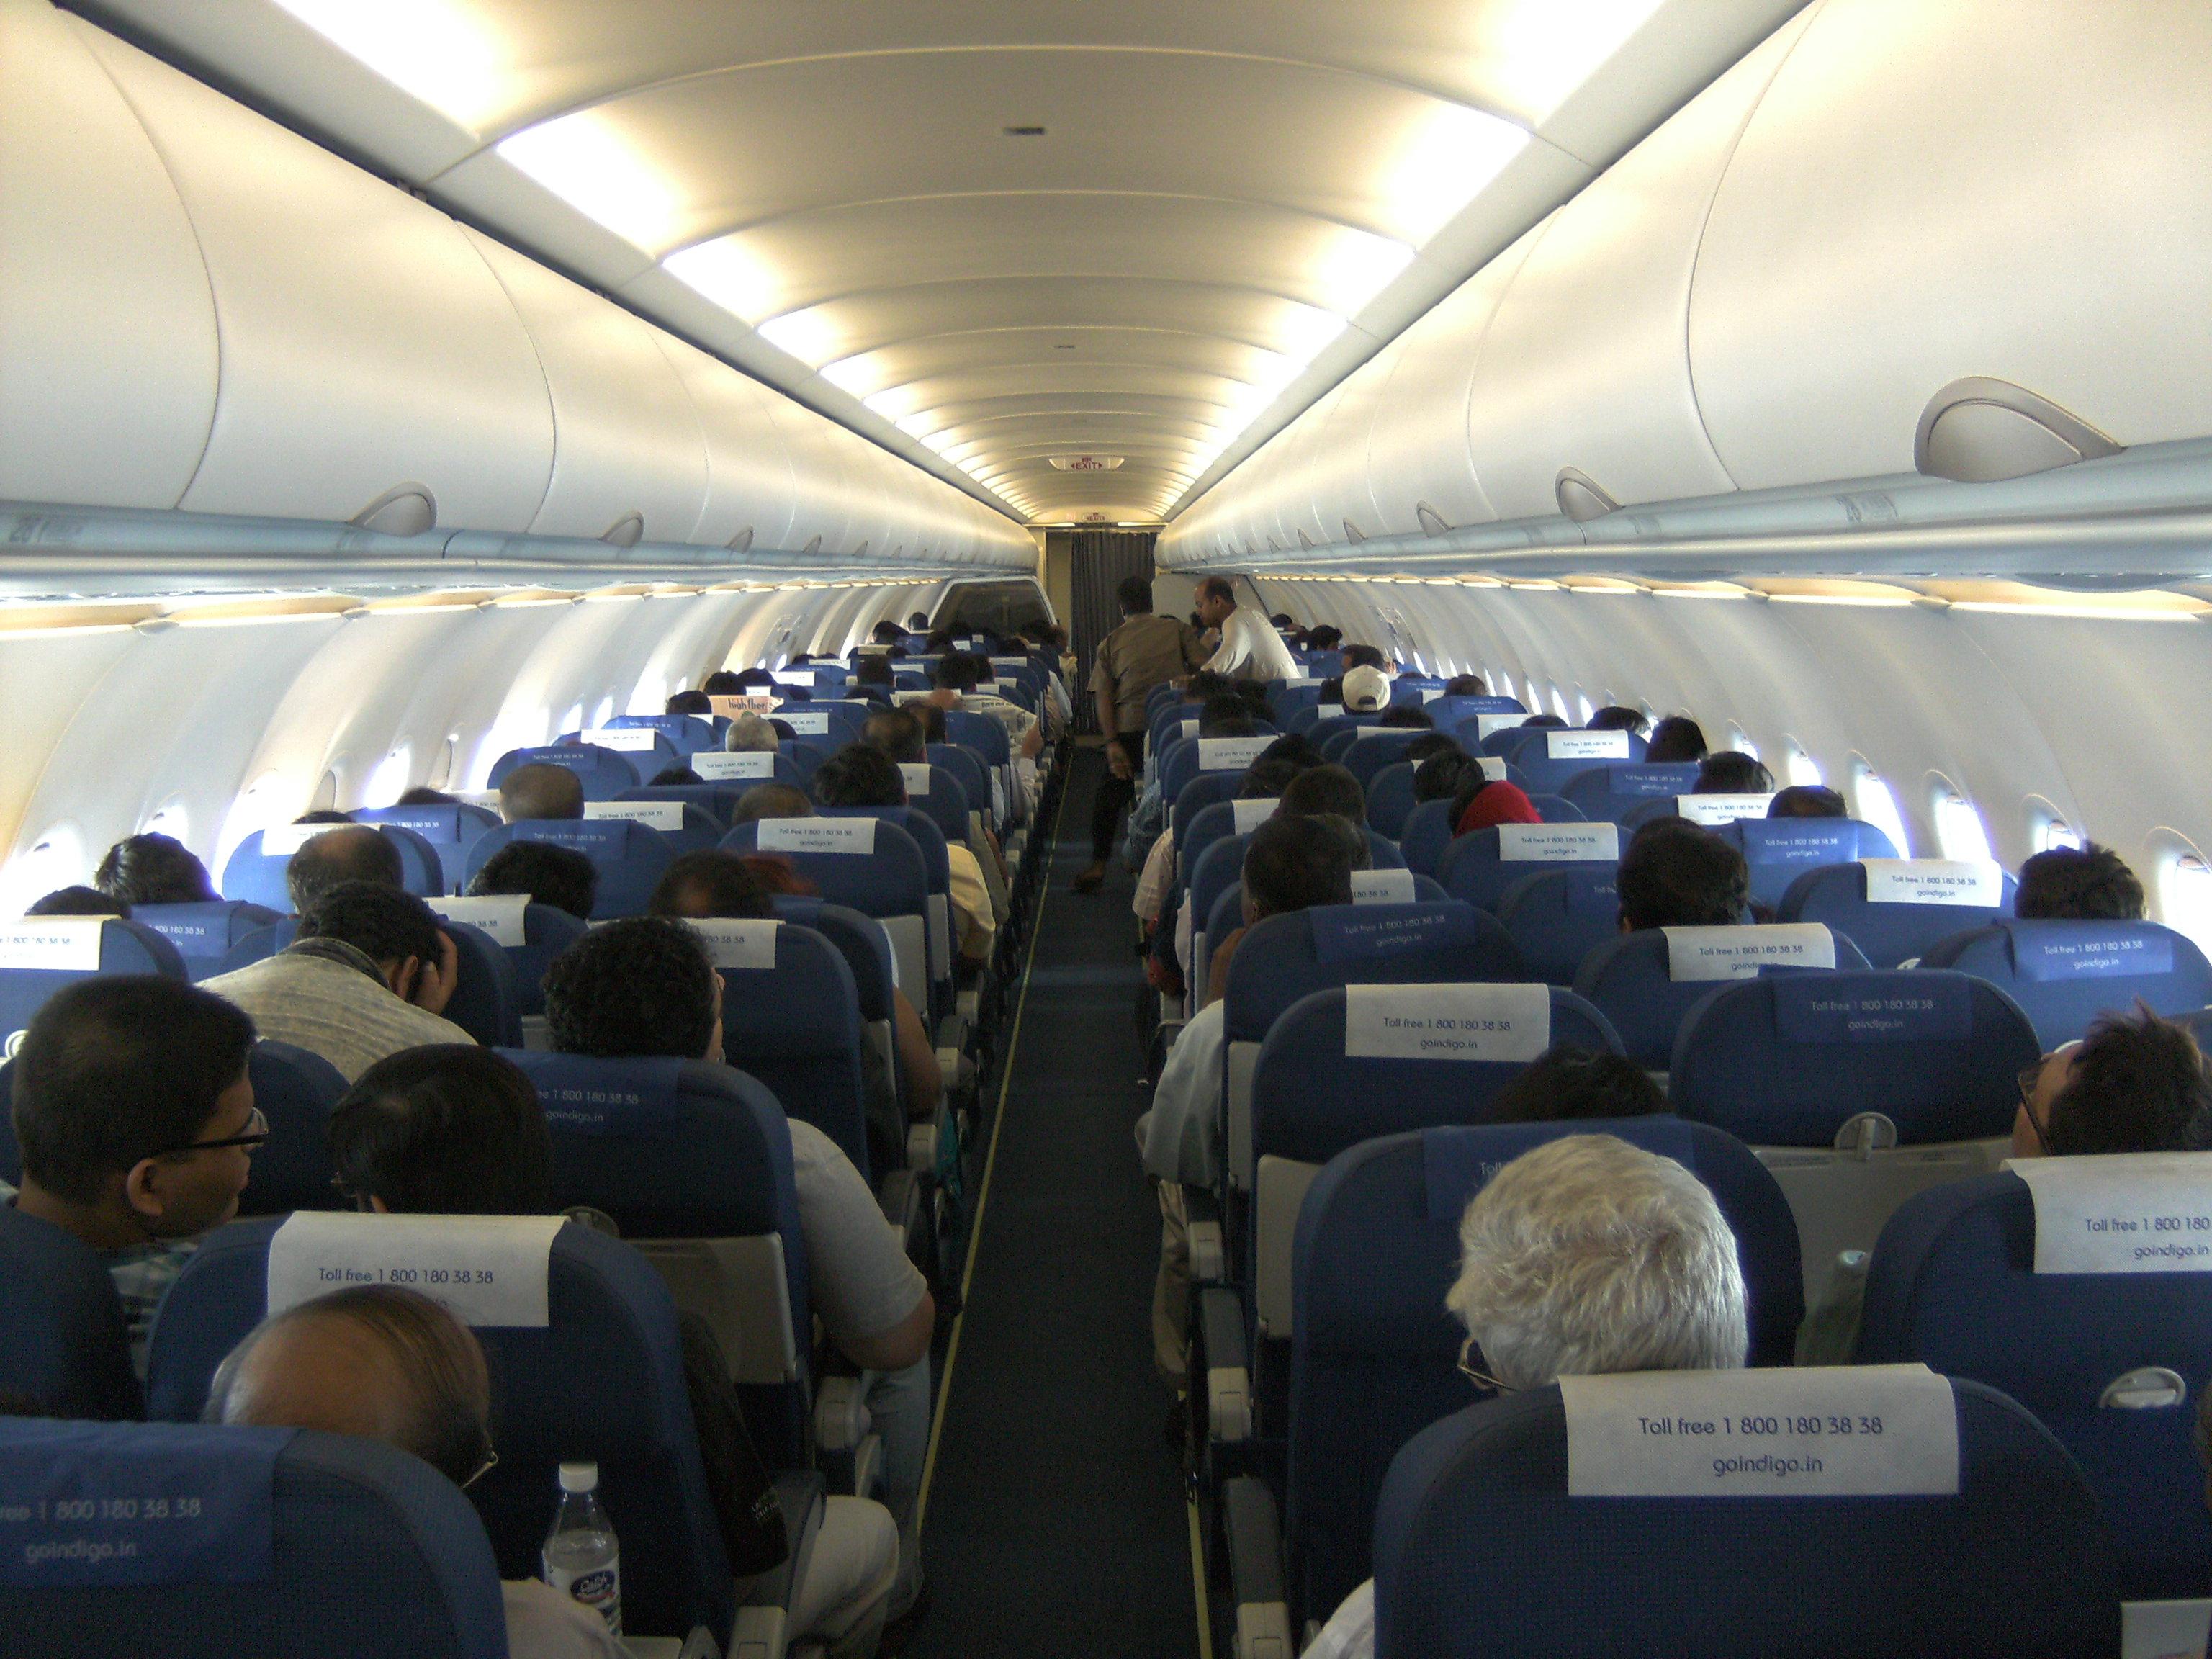 Indigo Airlines Interior